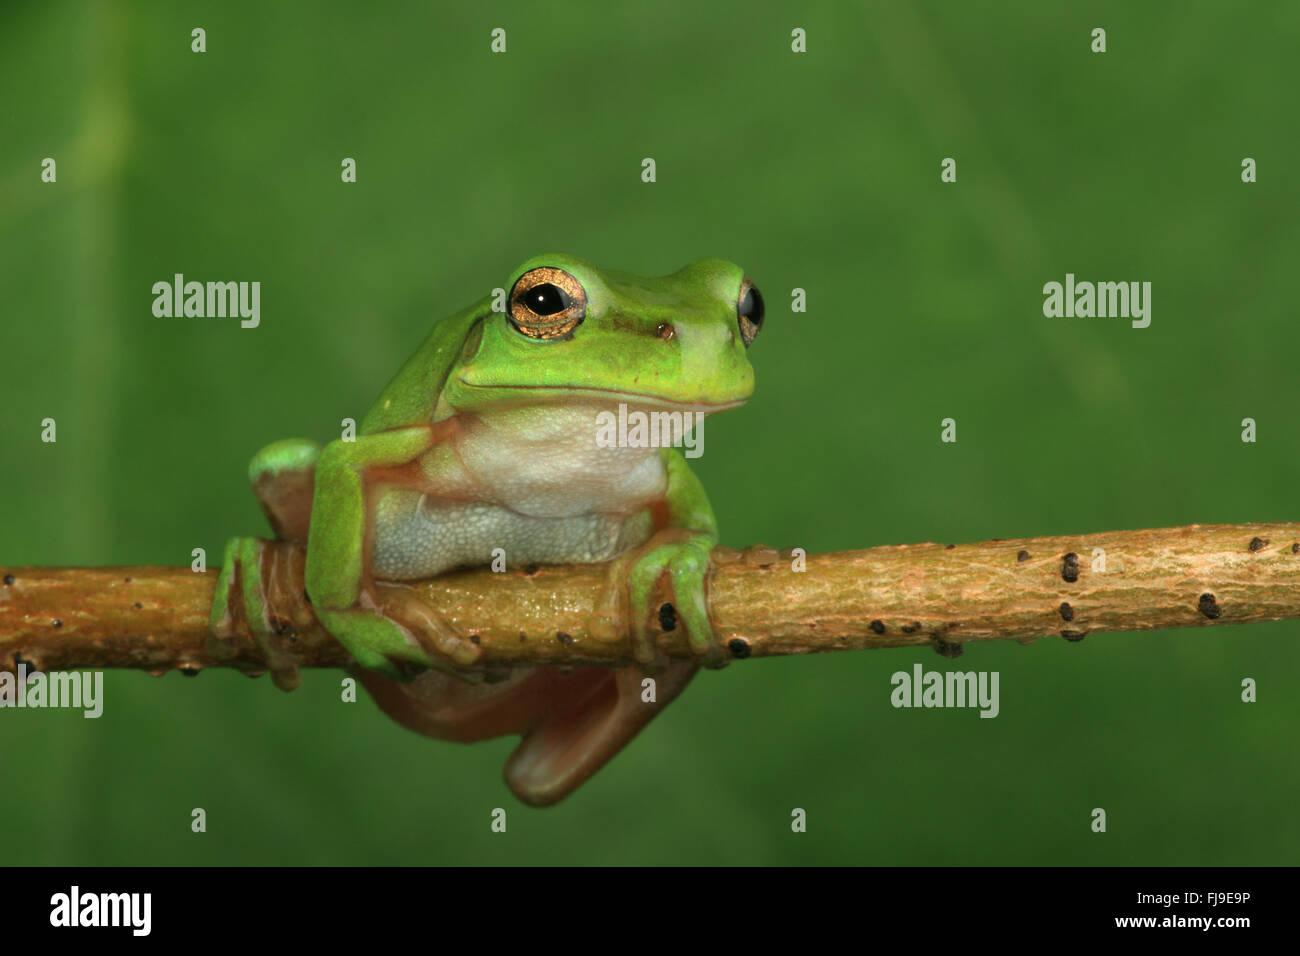 Un australiano ranocchio verde bilanciato su una vite orizzontale con uno sfondo verde Immagini Stock